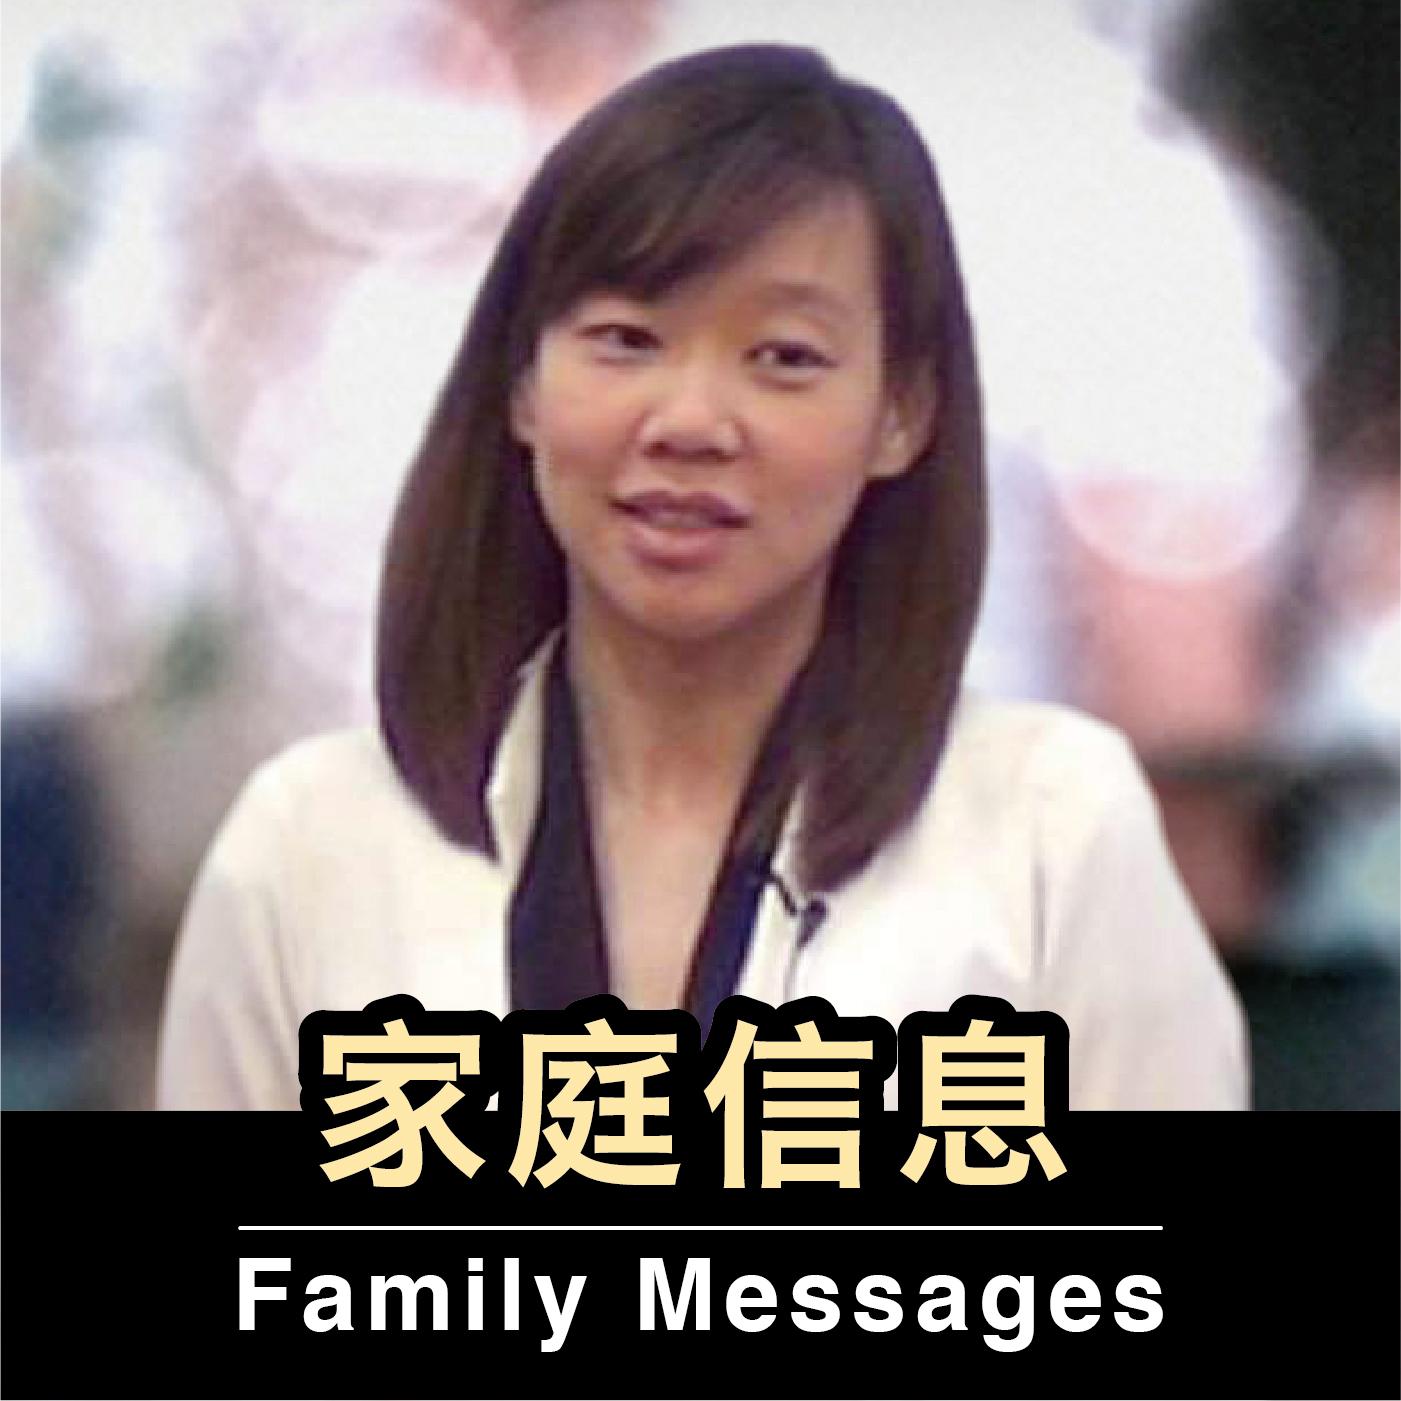 福音课程家庭信息三讲(林慧君传道)[新加坡基督生命堂] 福音班讲道